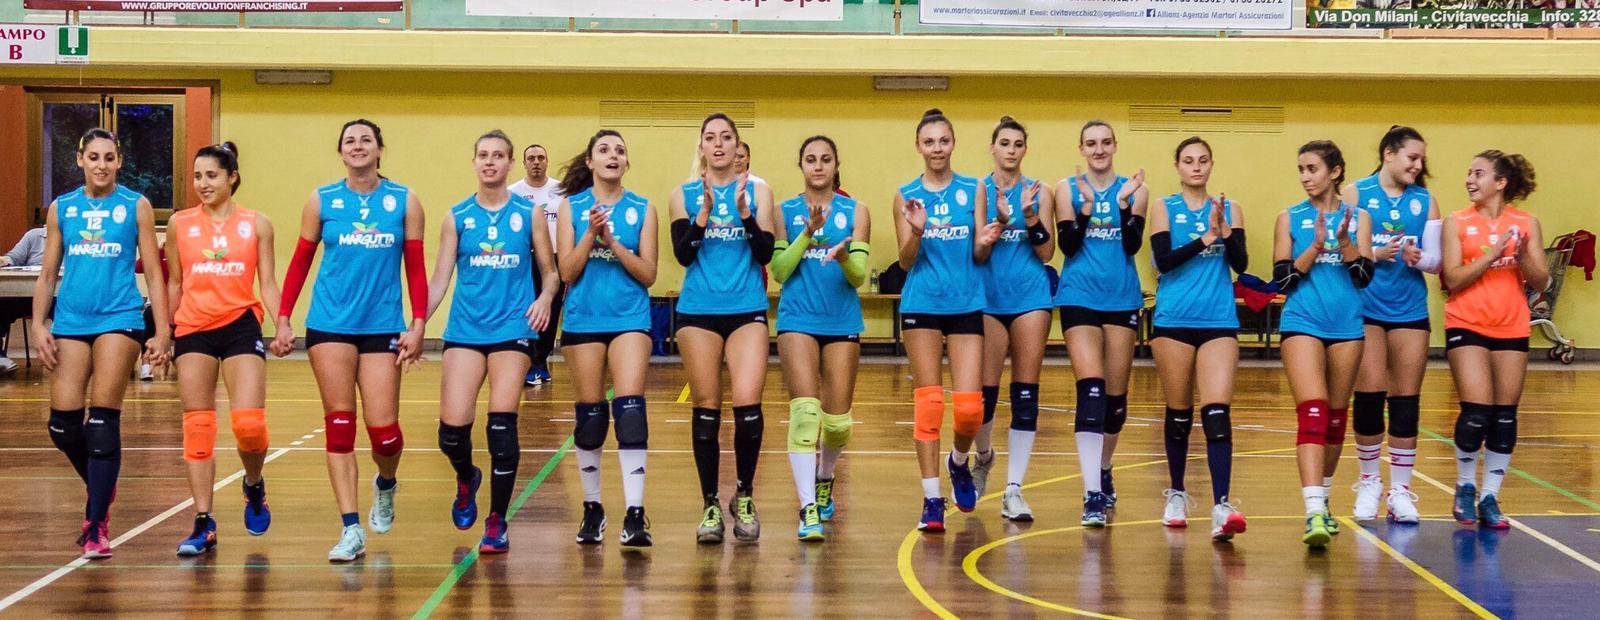 Asp Civitavecchia e Volley Ladispoli tornano a dialogare